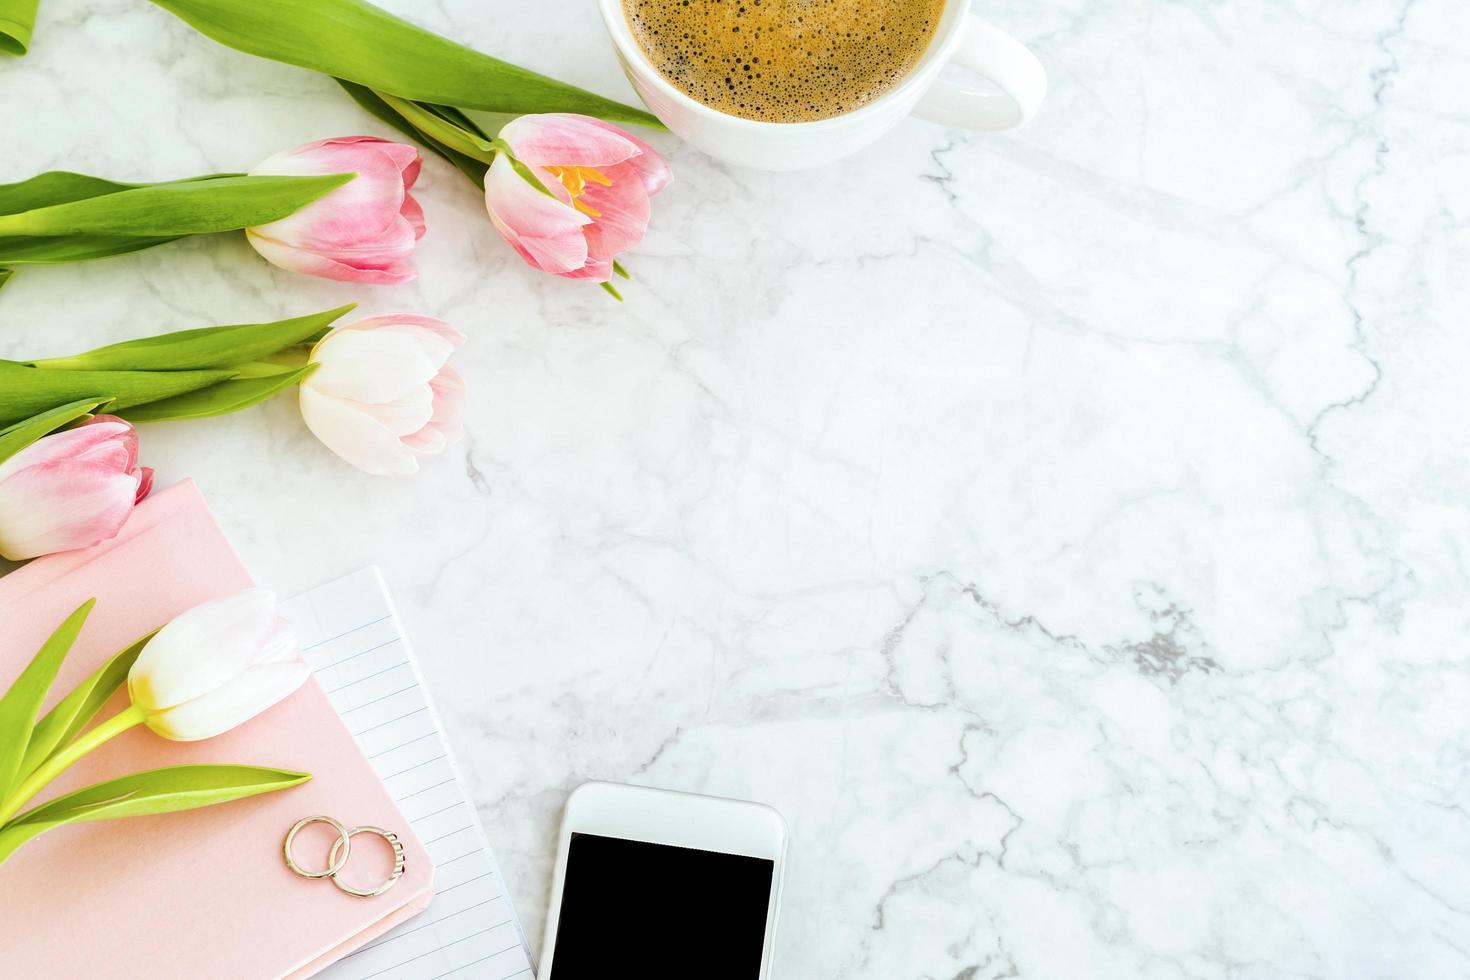 plat marmeren blad met bloemen foto